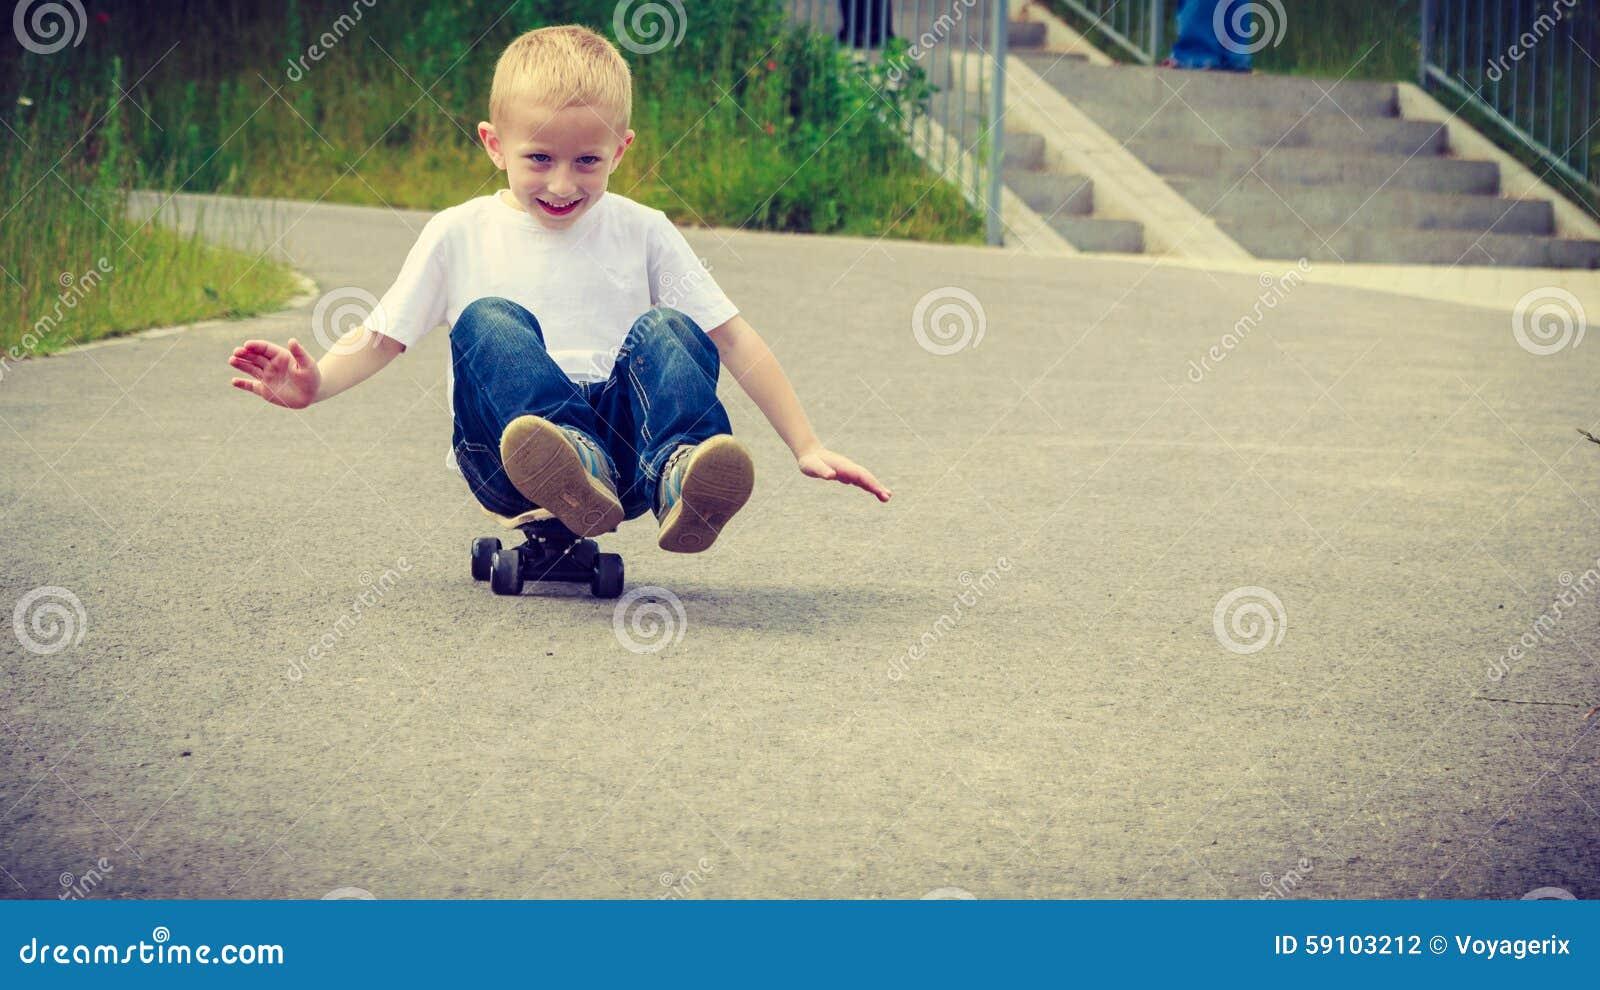 儿童孩子坐获得的滑板室外的乐趣